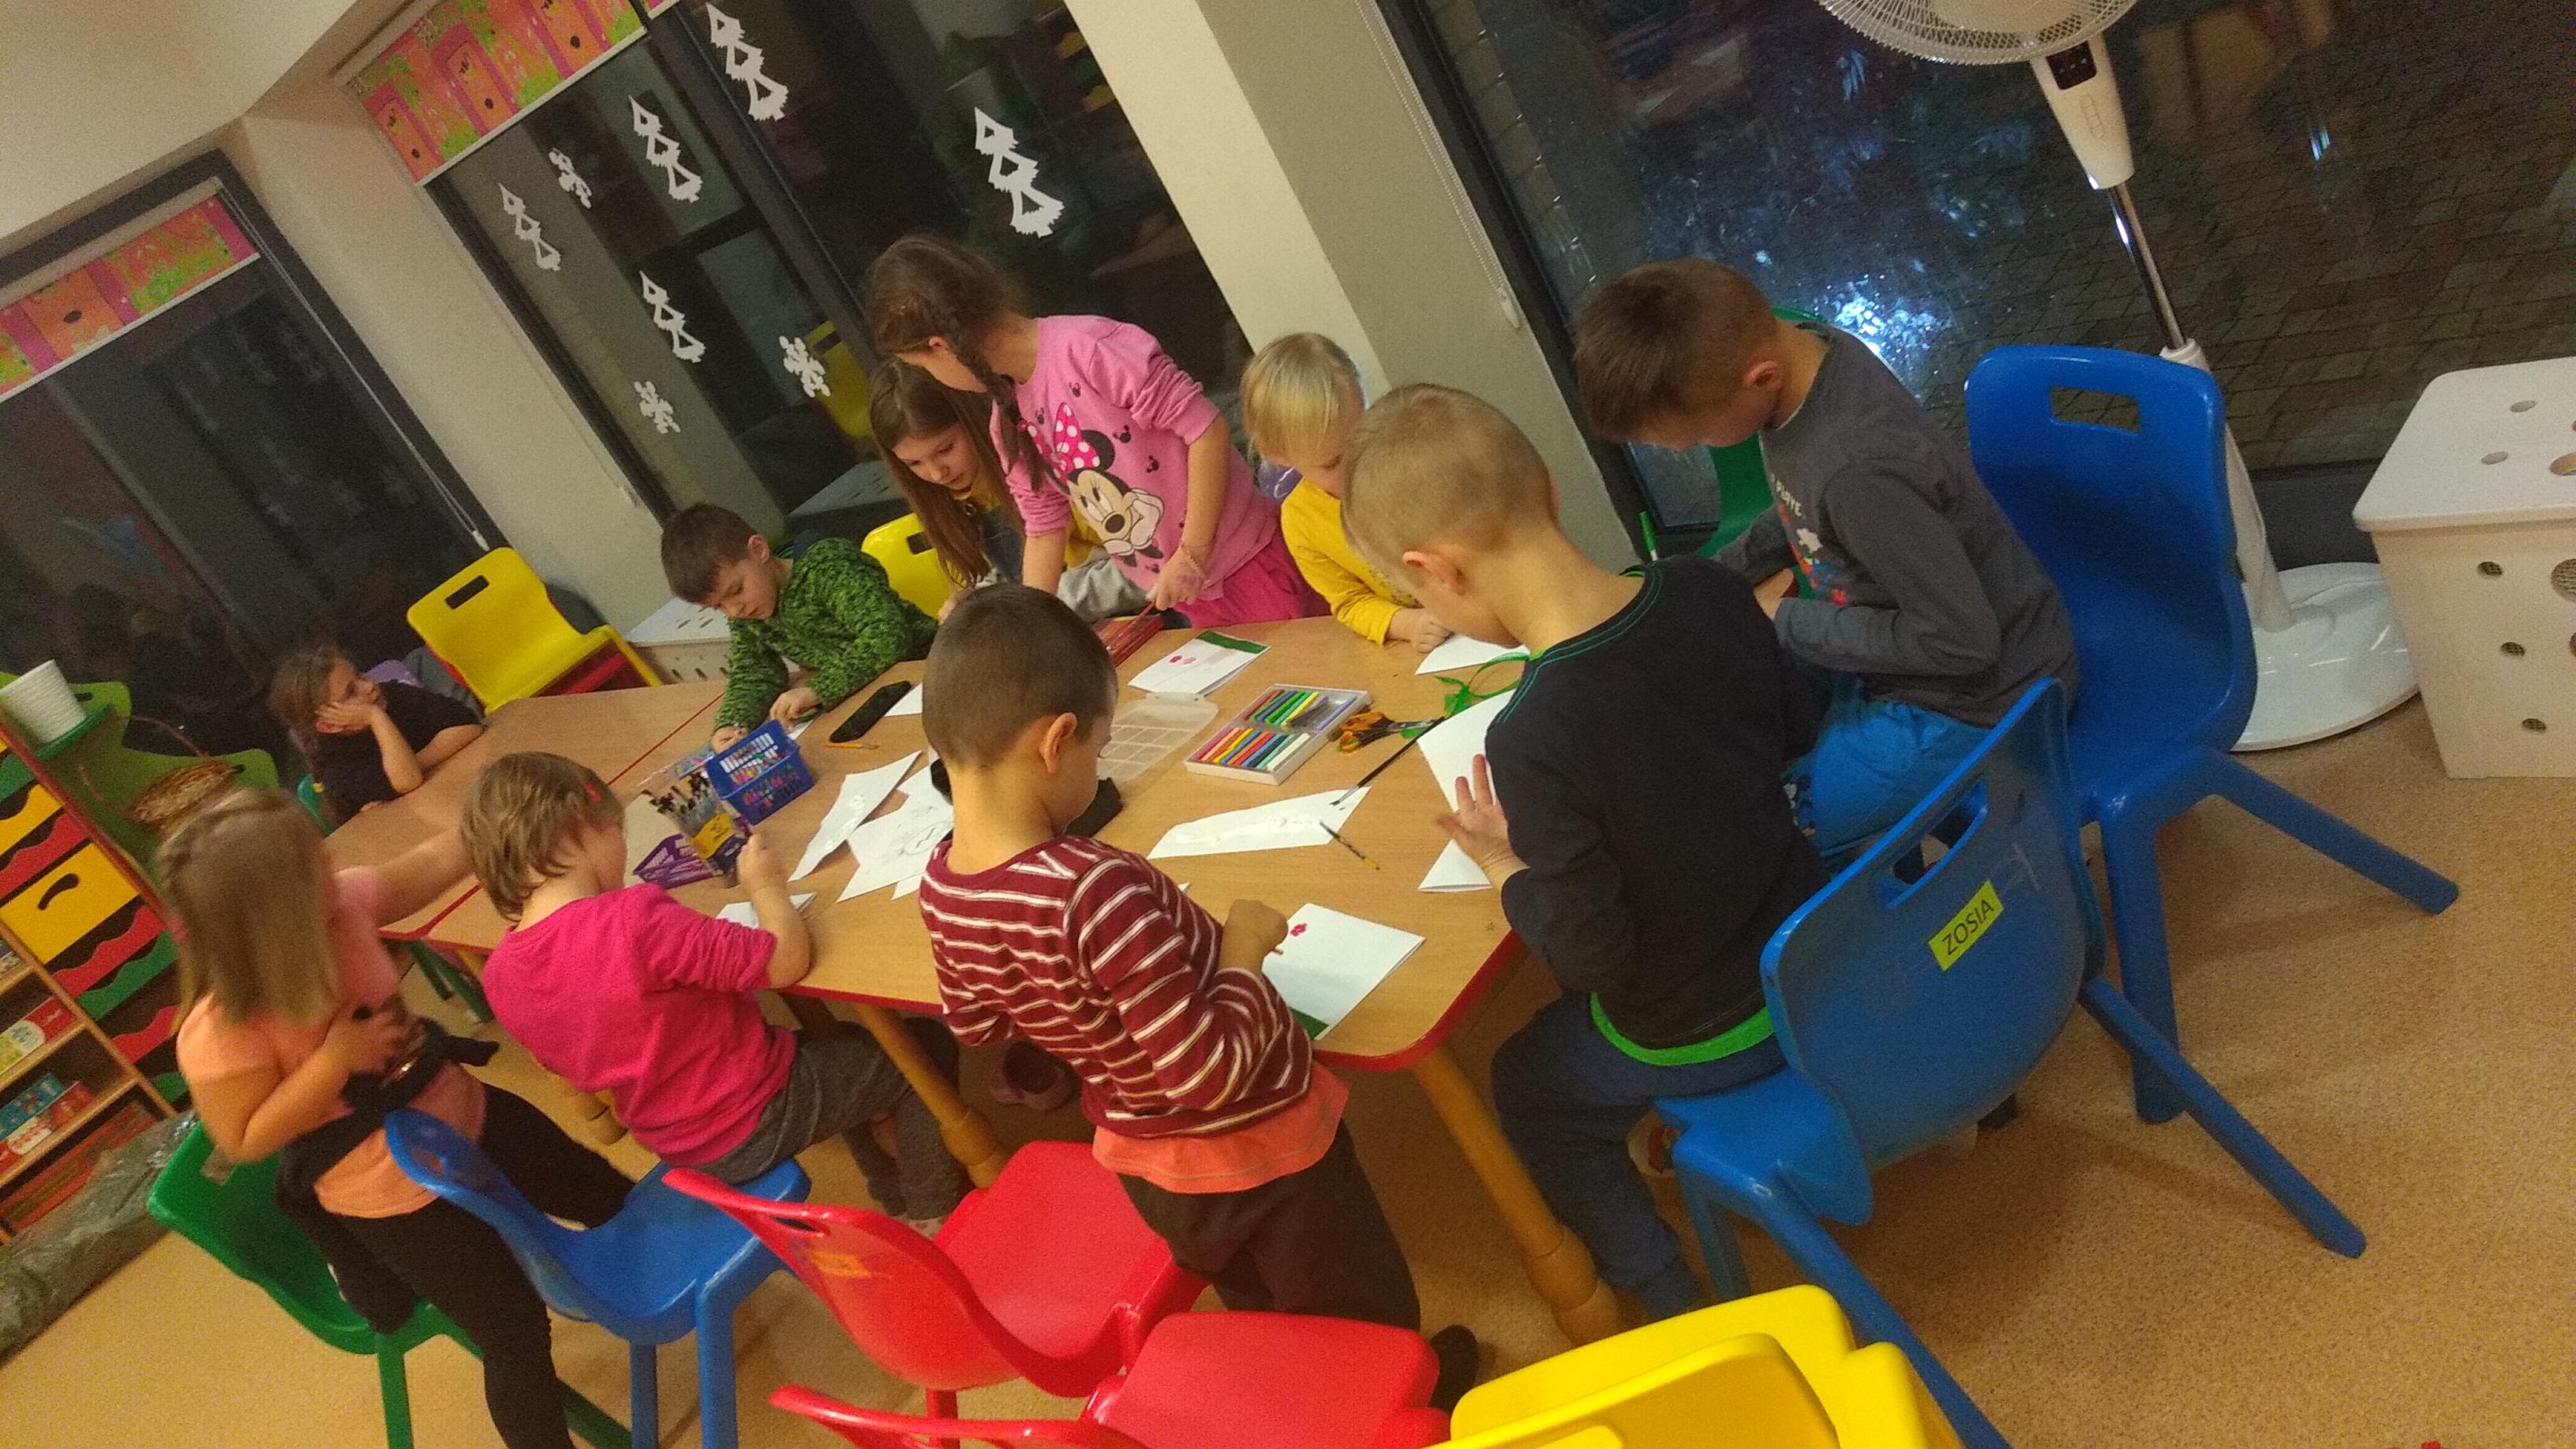 dzieci tworzące obrazki z wykorzystaniem różnych technik plastyczny : flamastry, kredki , farby, ozdoby z koralików